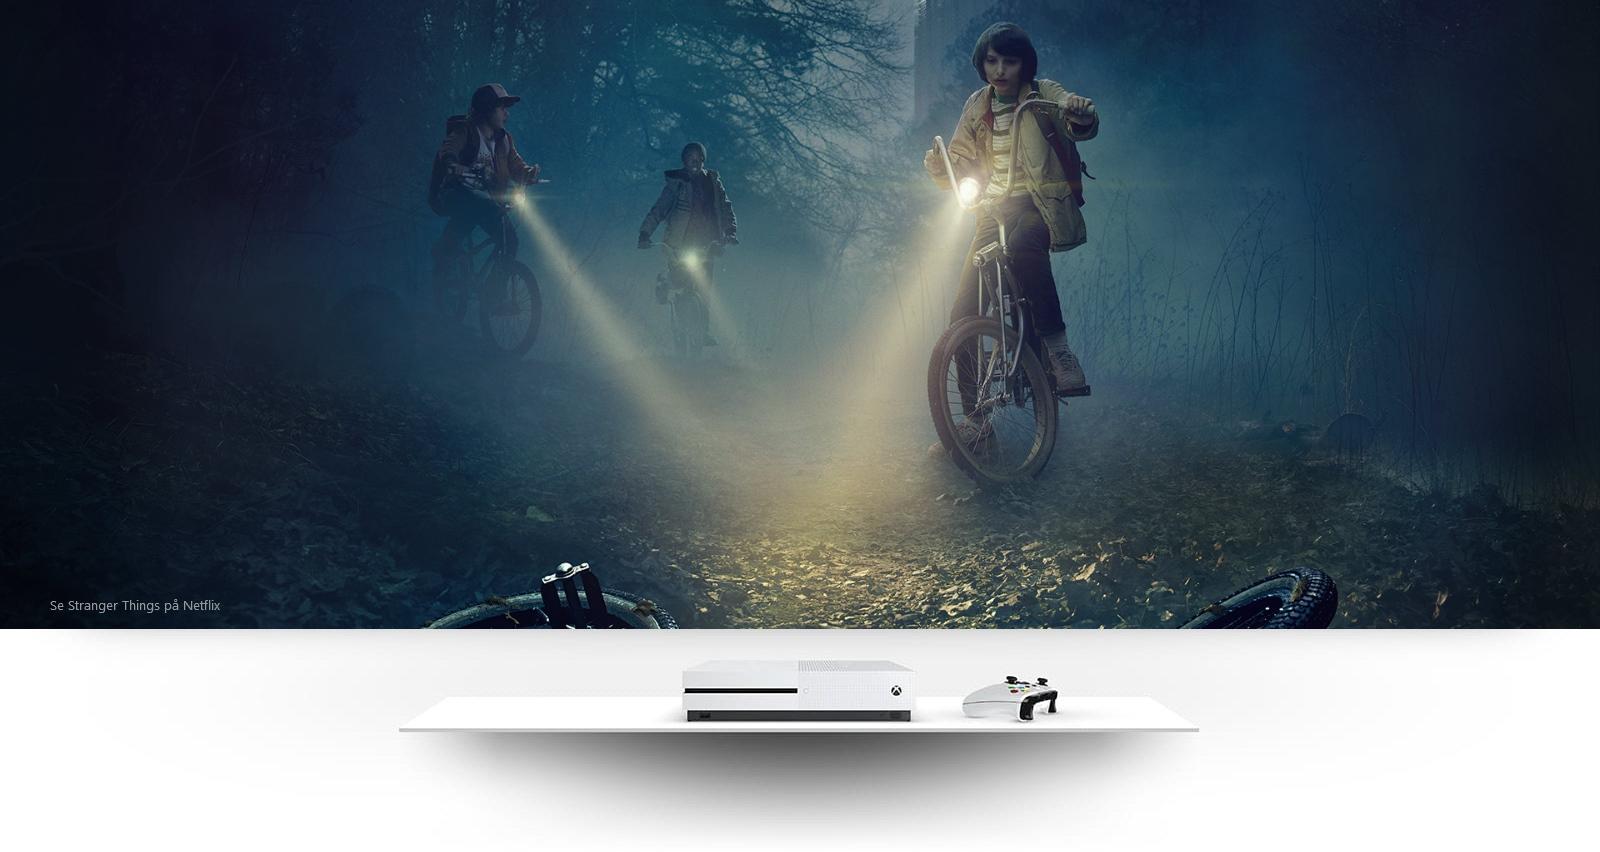 Xbox OneS med et billede af Stranger Things-børn på cykler